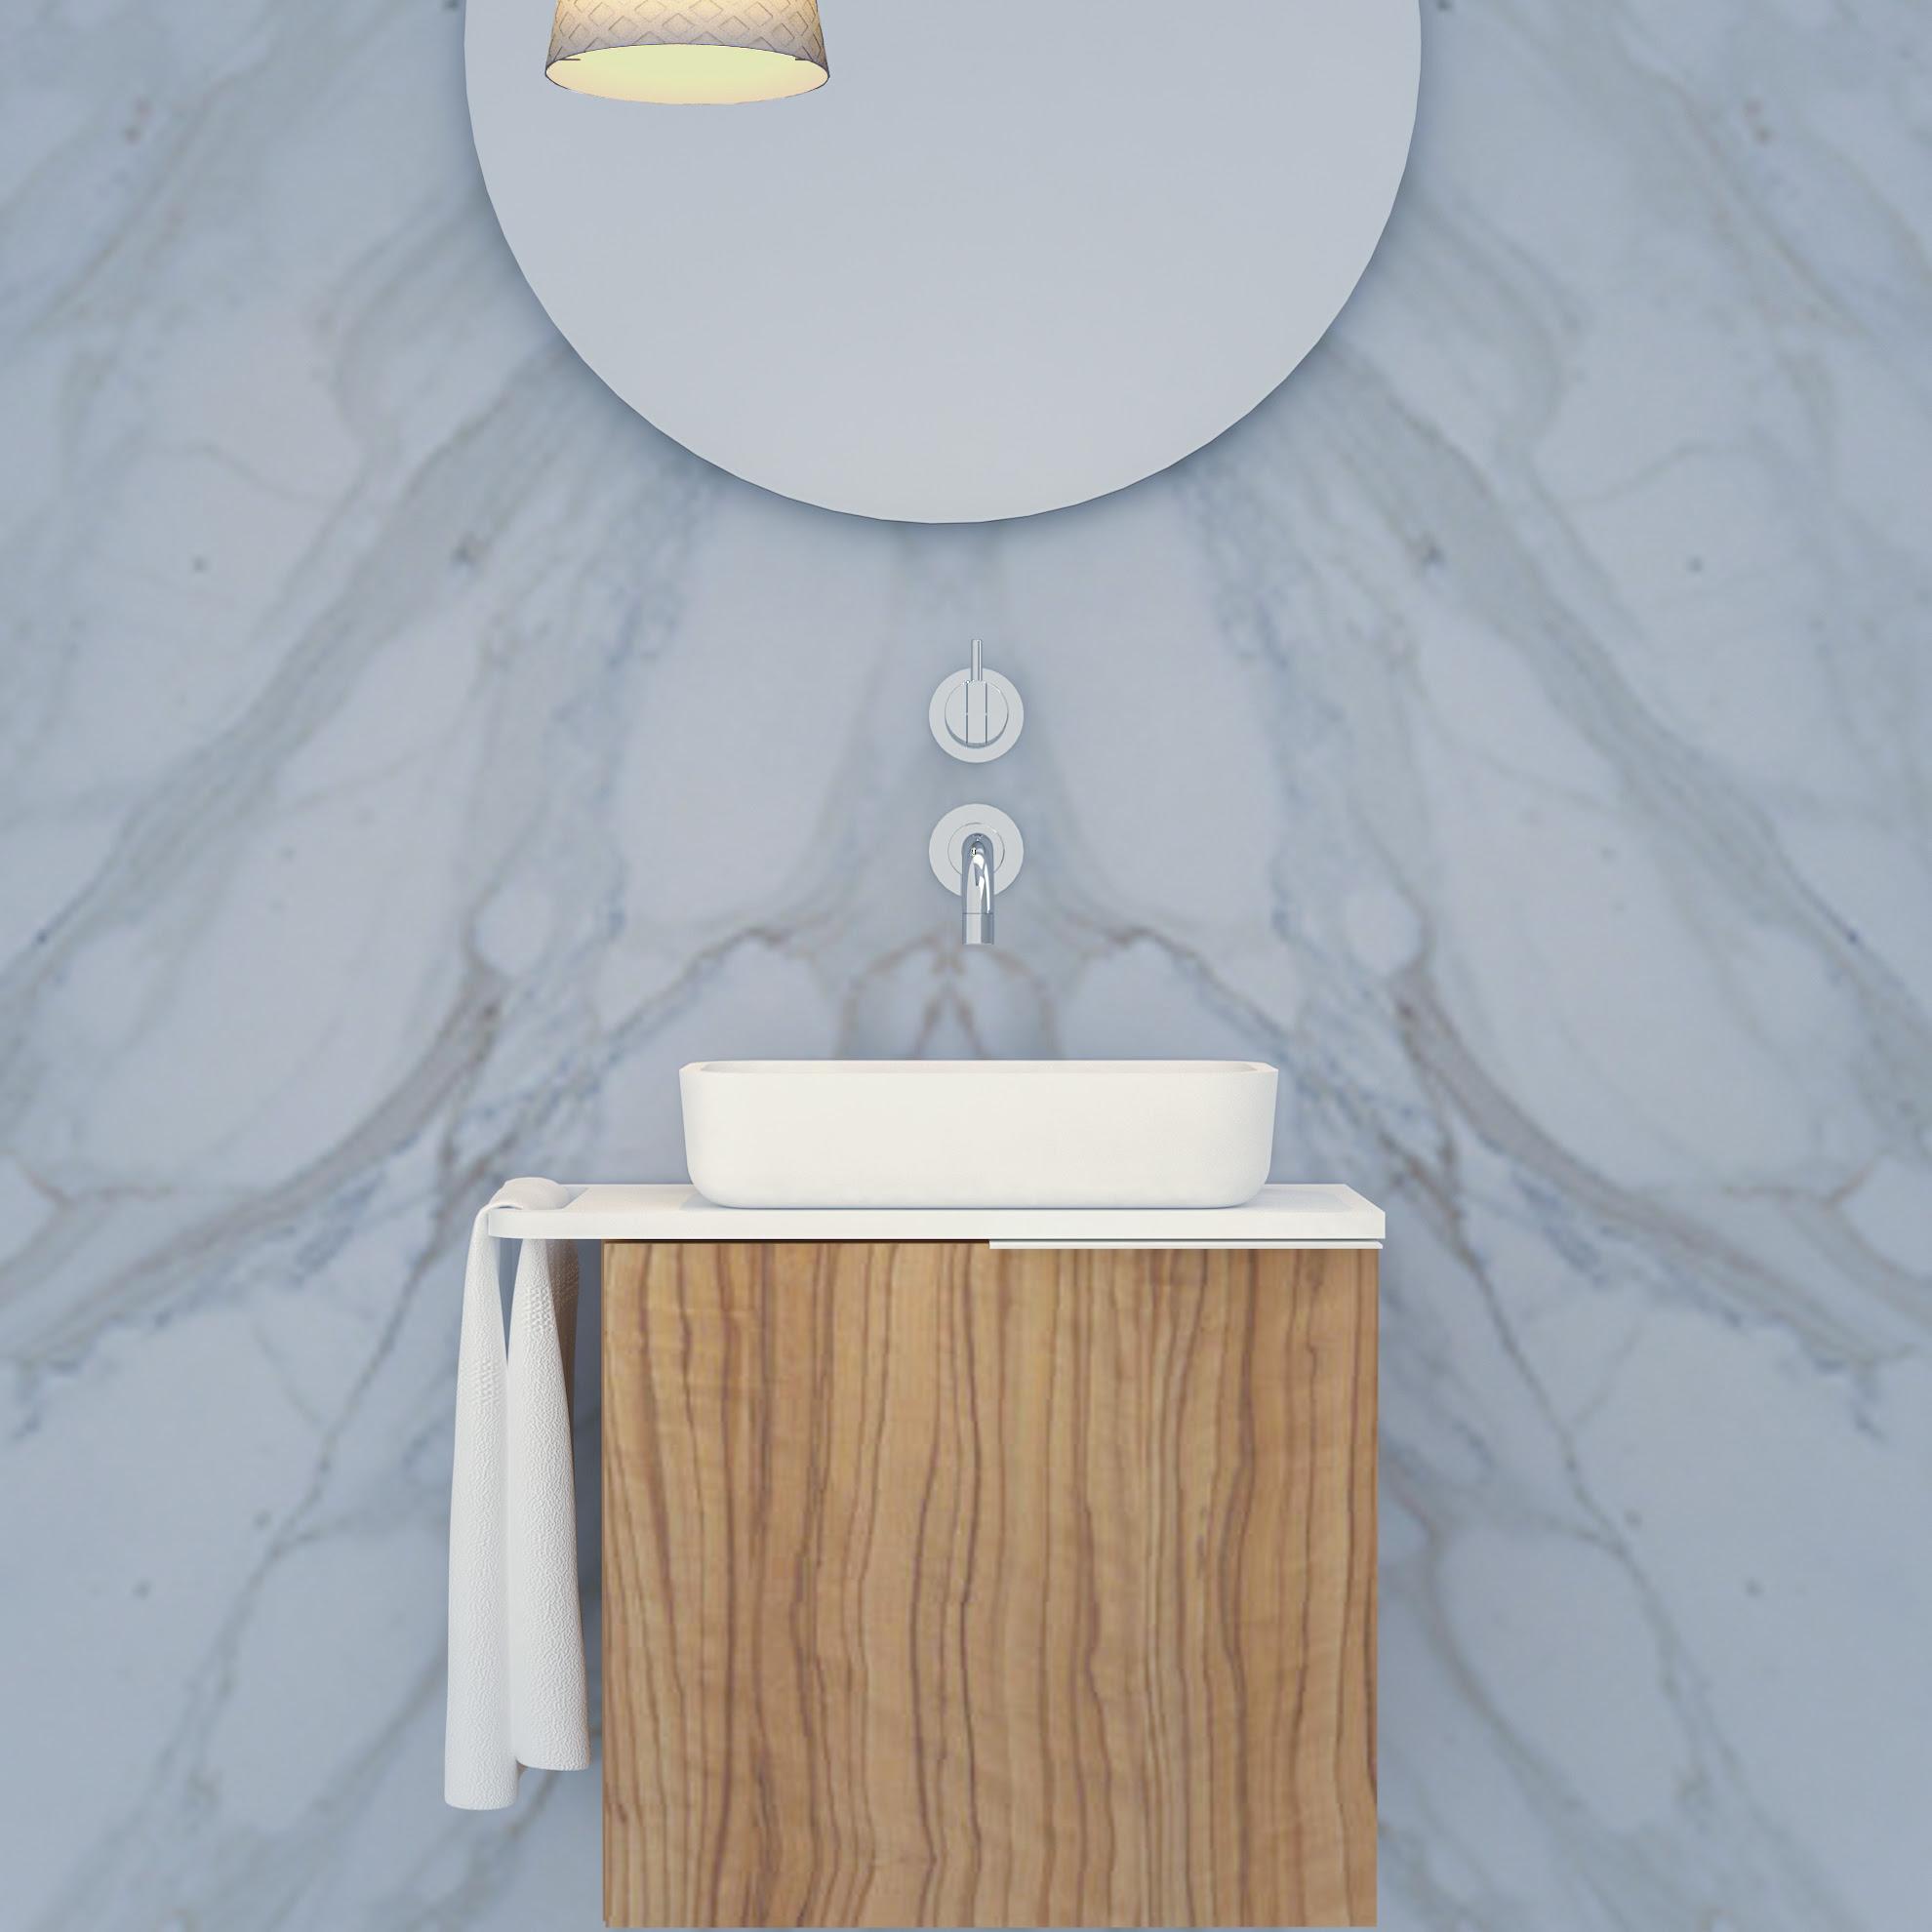 Marike Comma S opbouw fonteintje. Wastafel toilet en badkamer #wastafel #marike #badkamer #badkamerinspiratie #badkameridee #marike